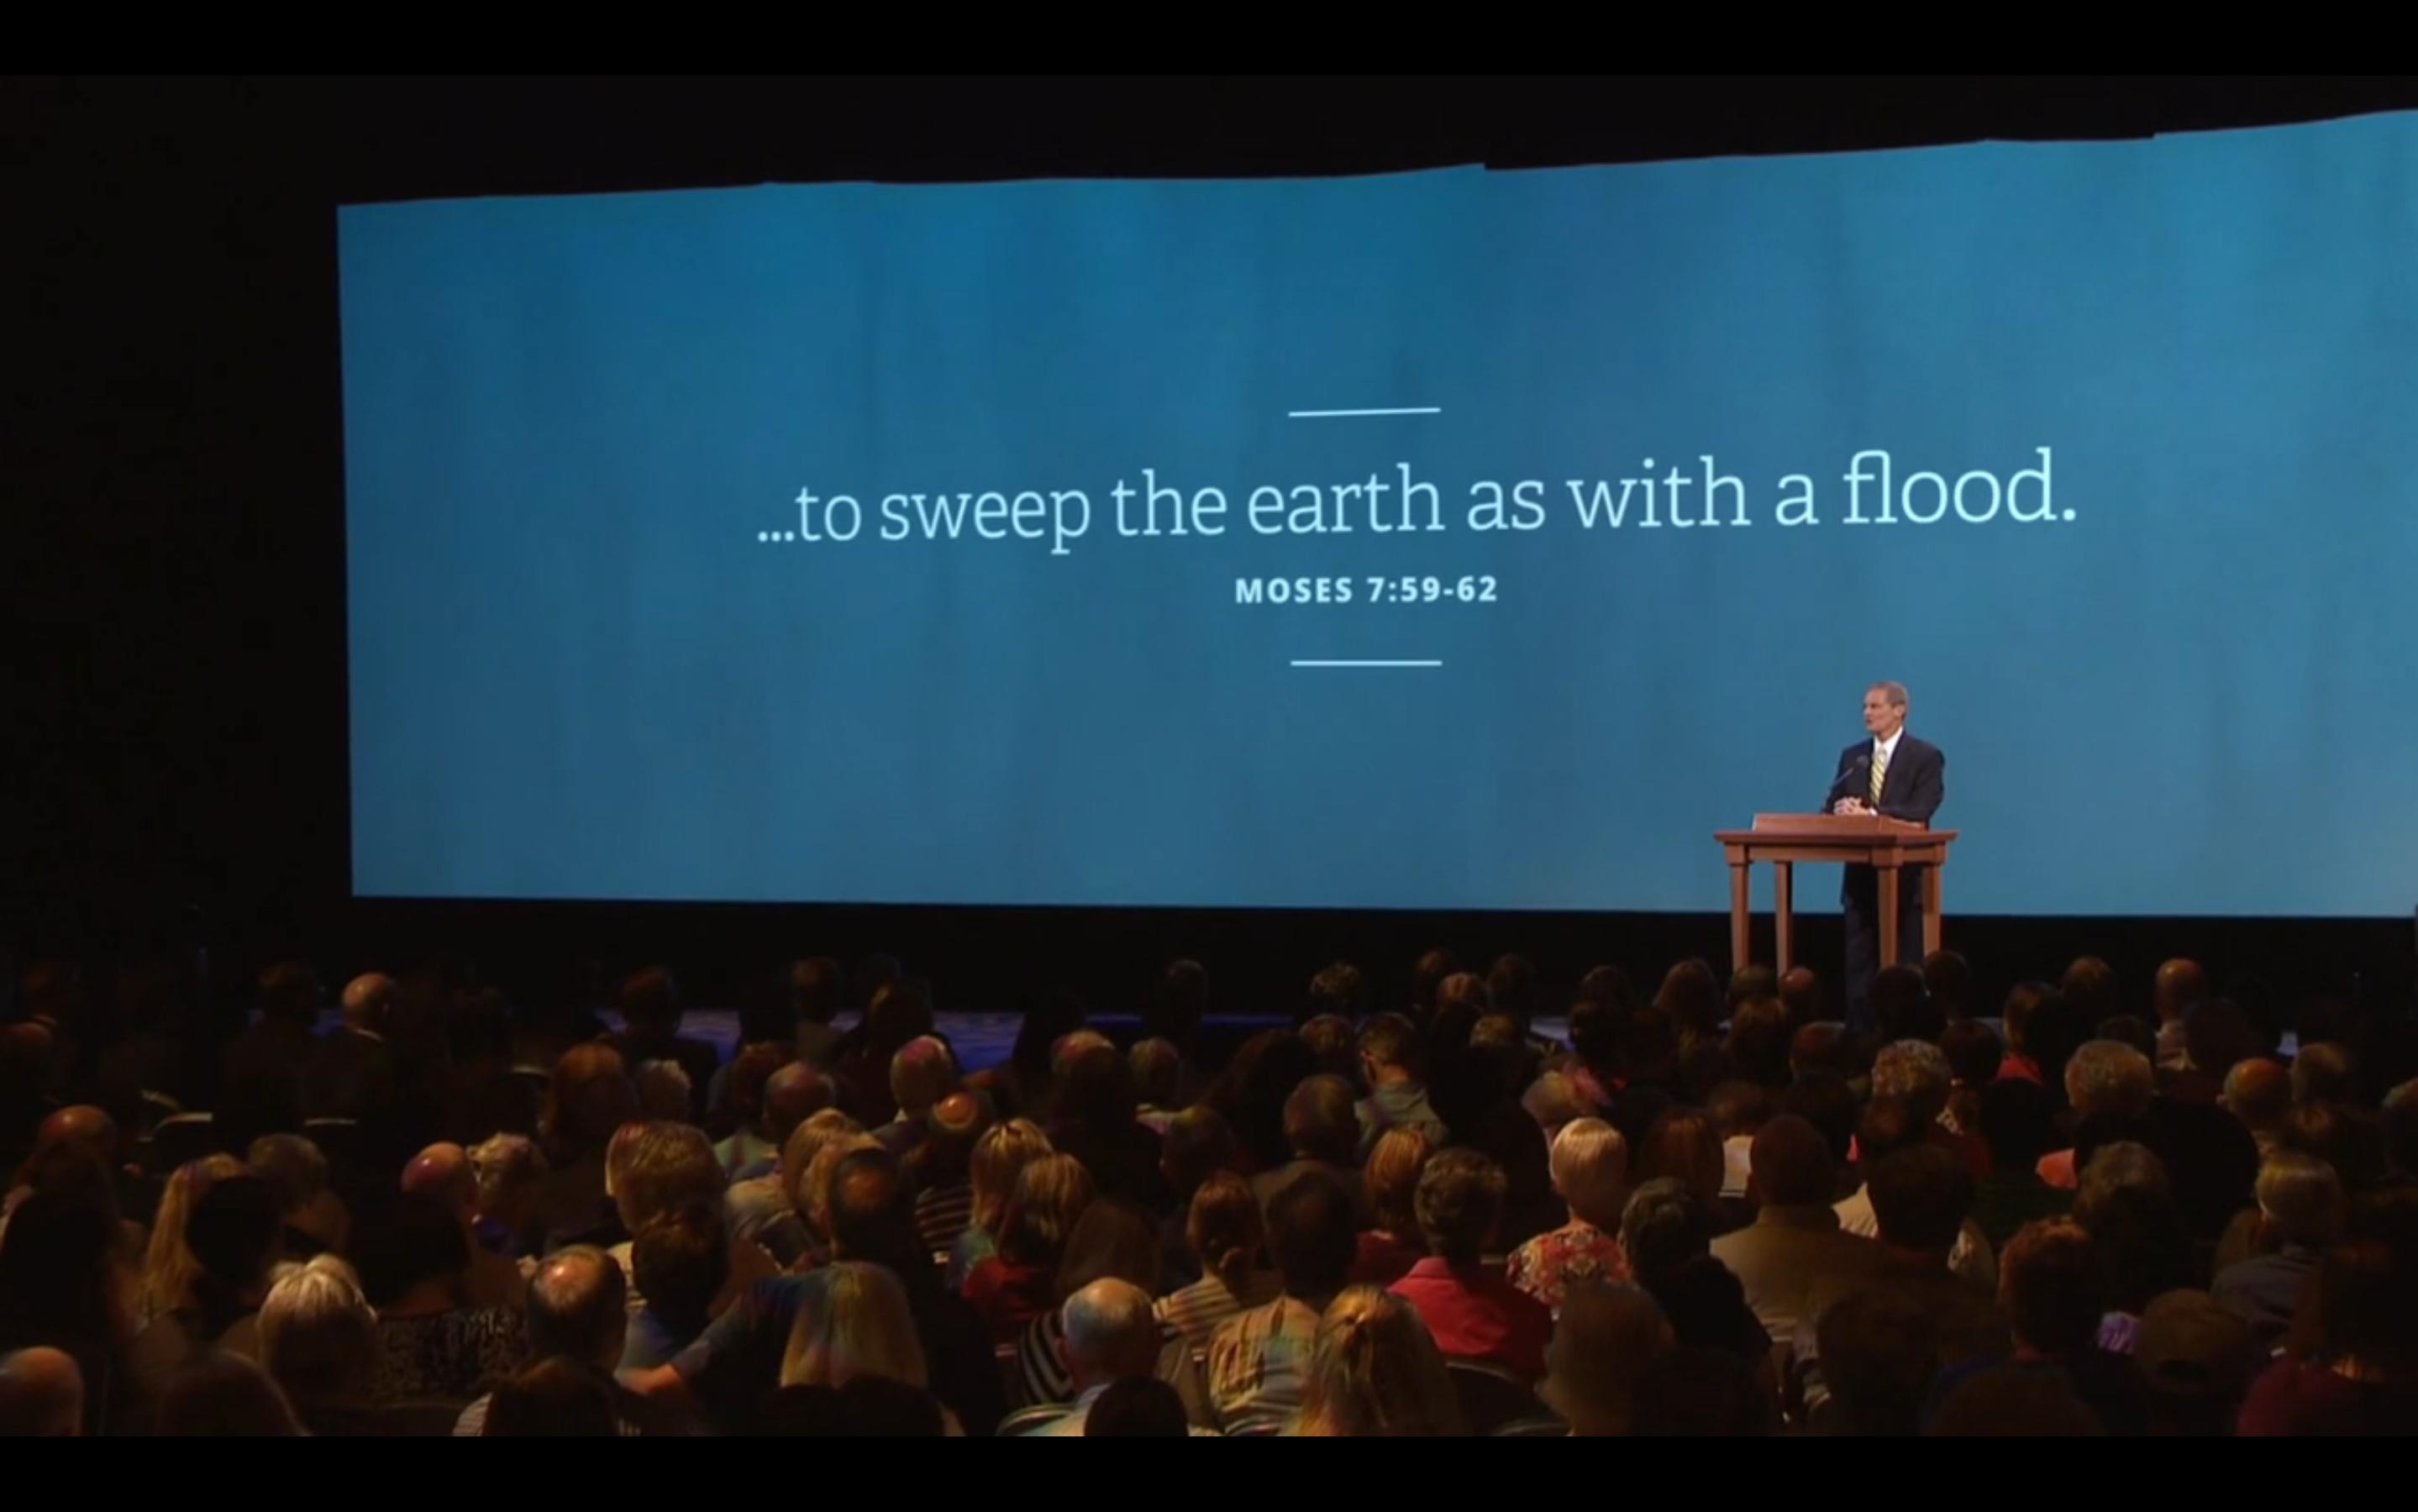 Reseña de la presentación Inundar la tierra como con un diluvio